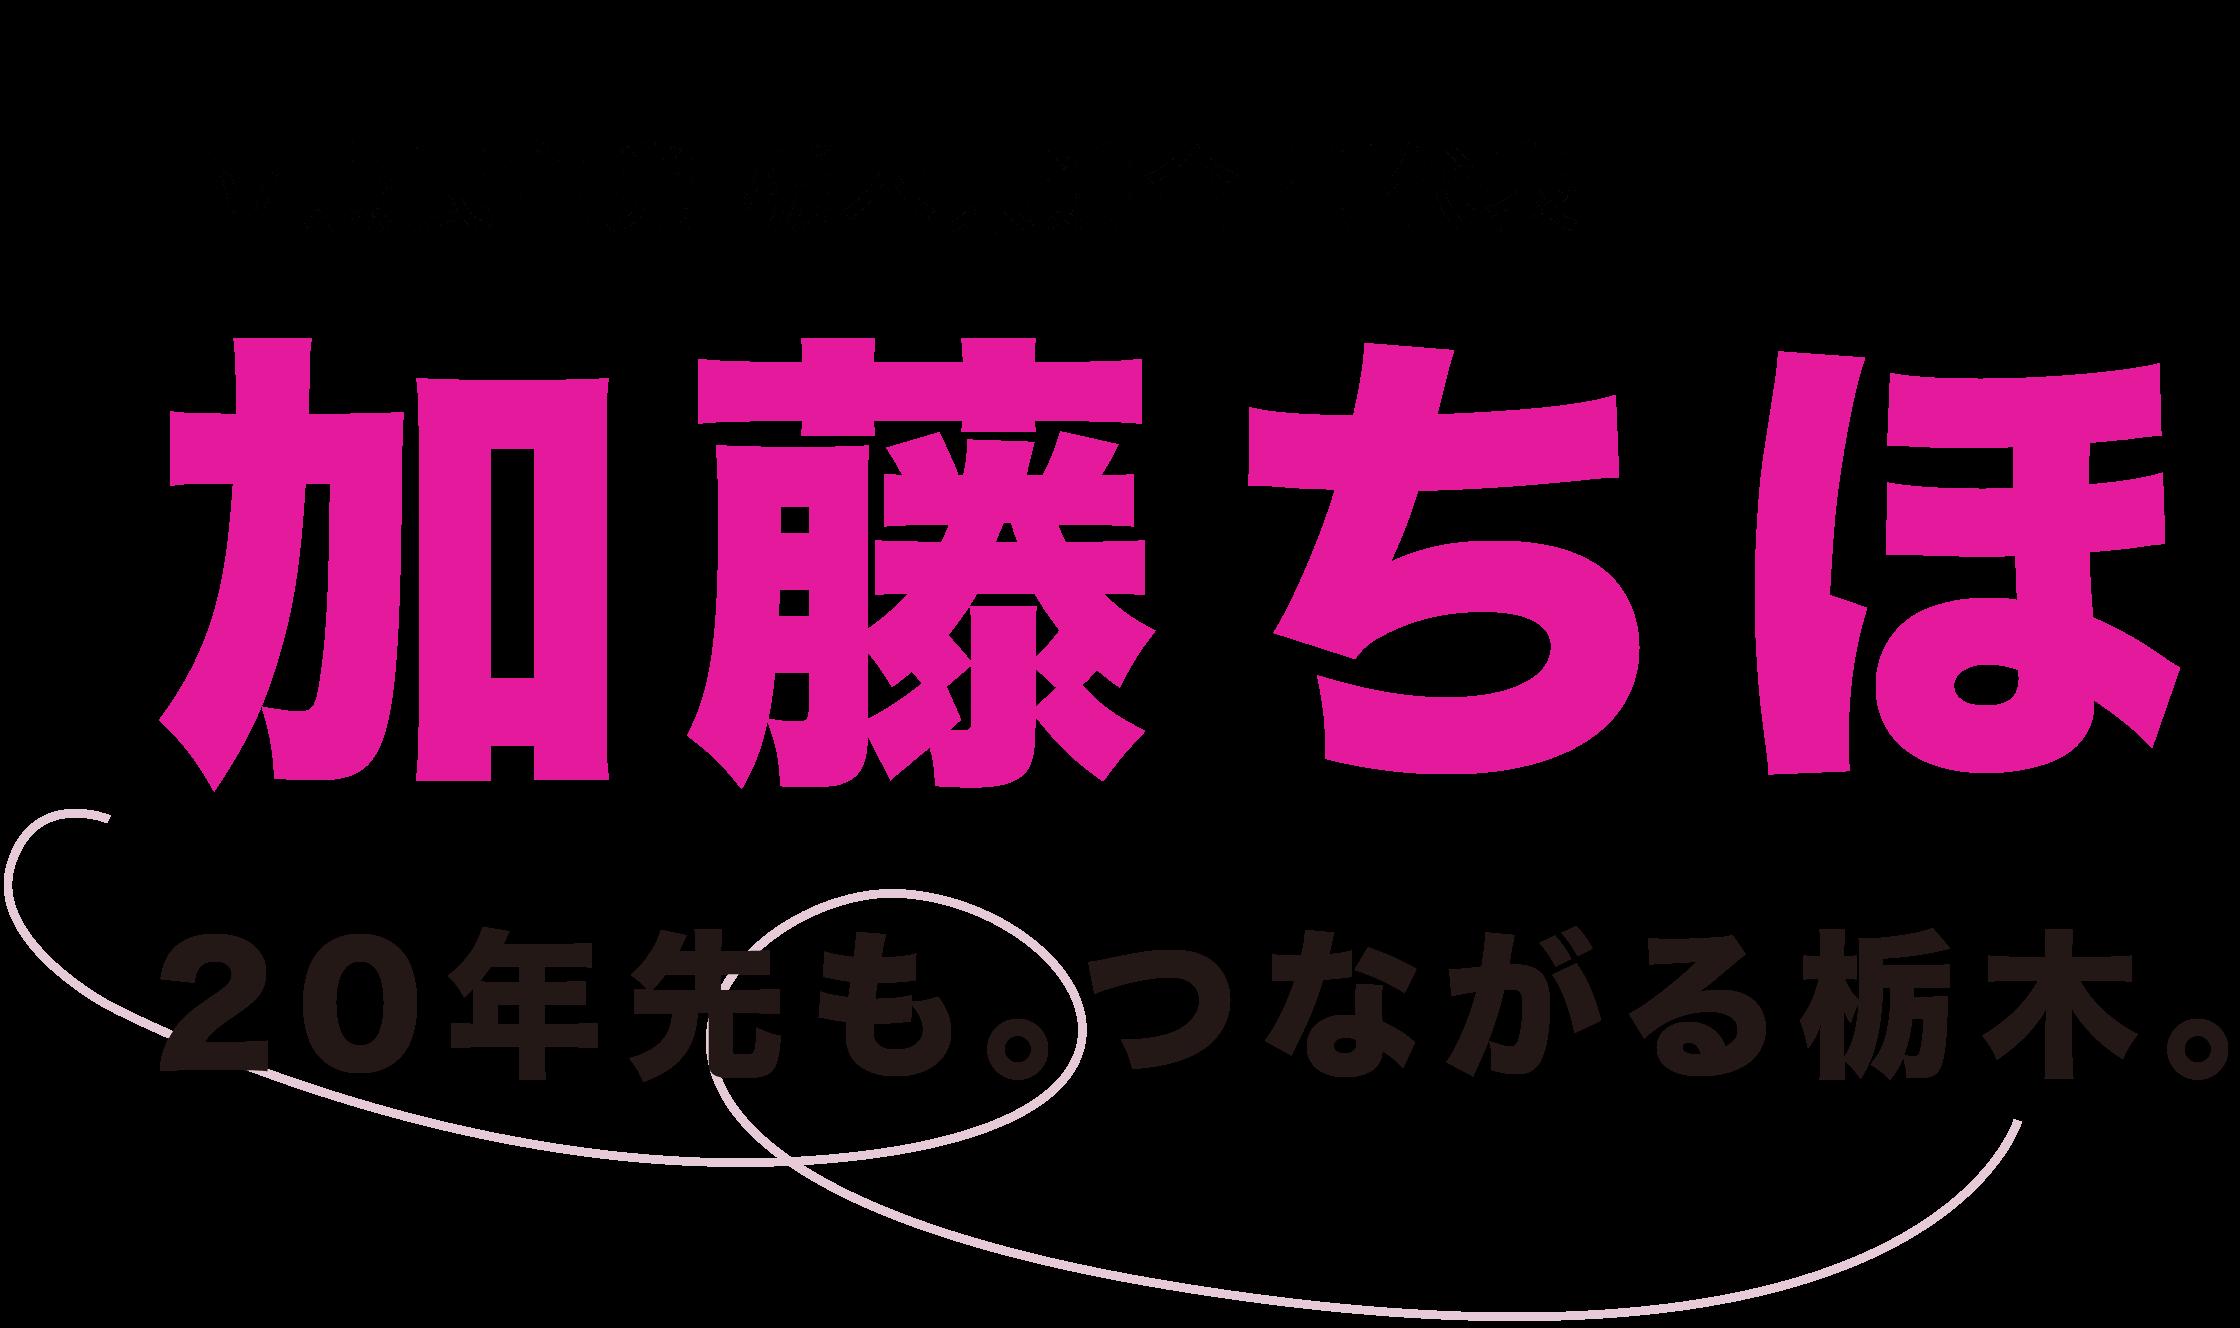 立憲民主党 栃木県連合 副代表 加藤ちほ 20年先も。つながる栃木。